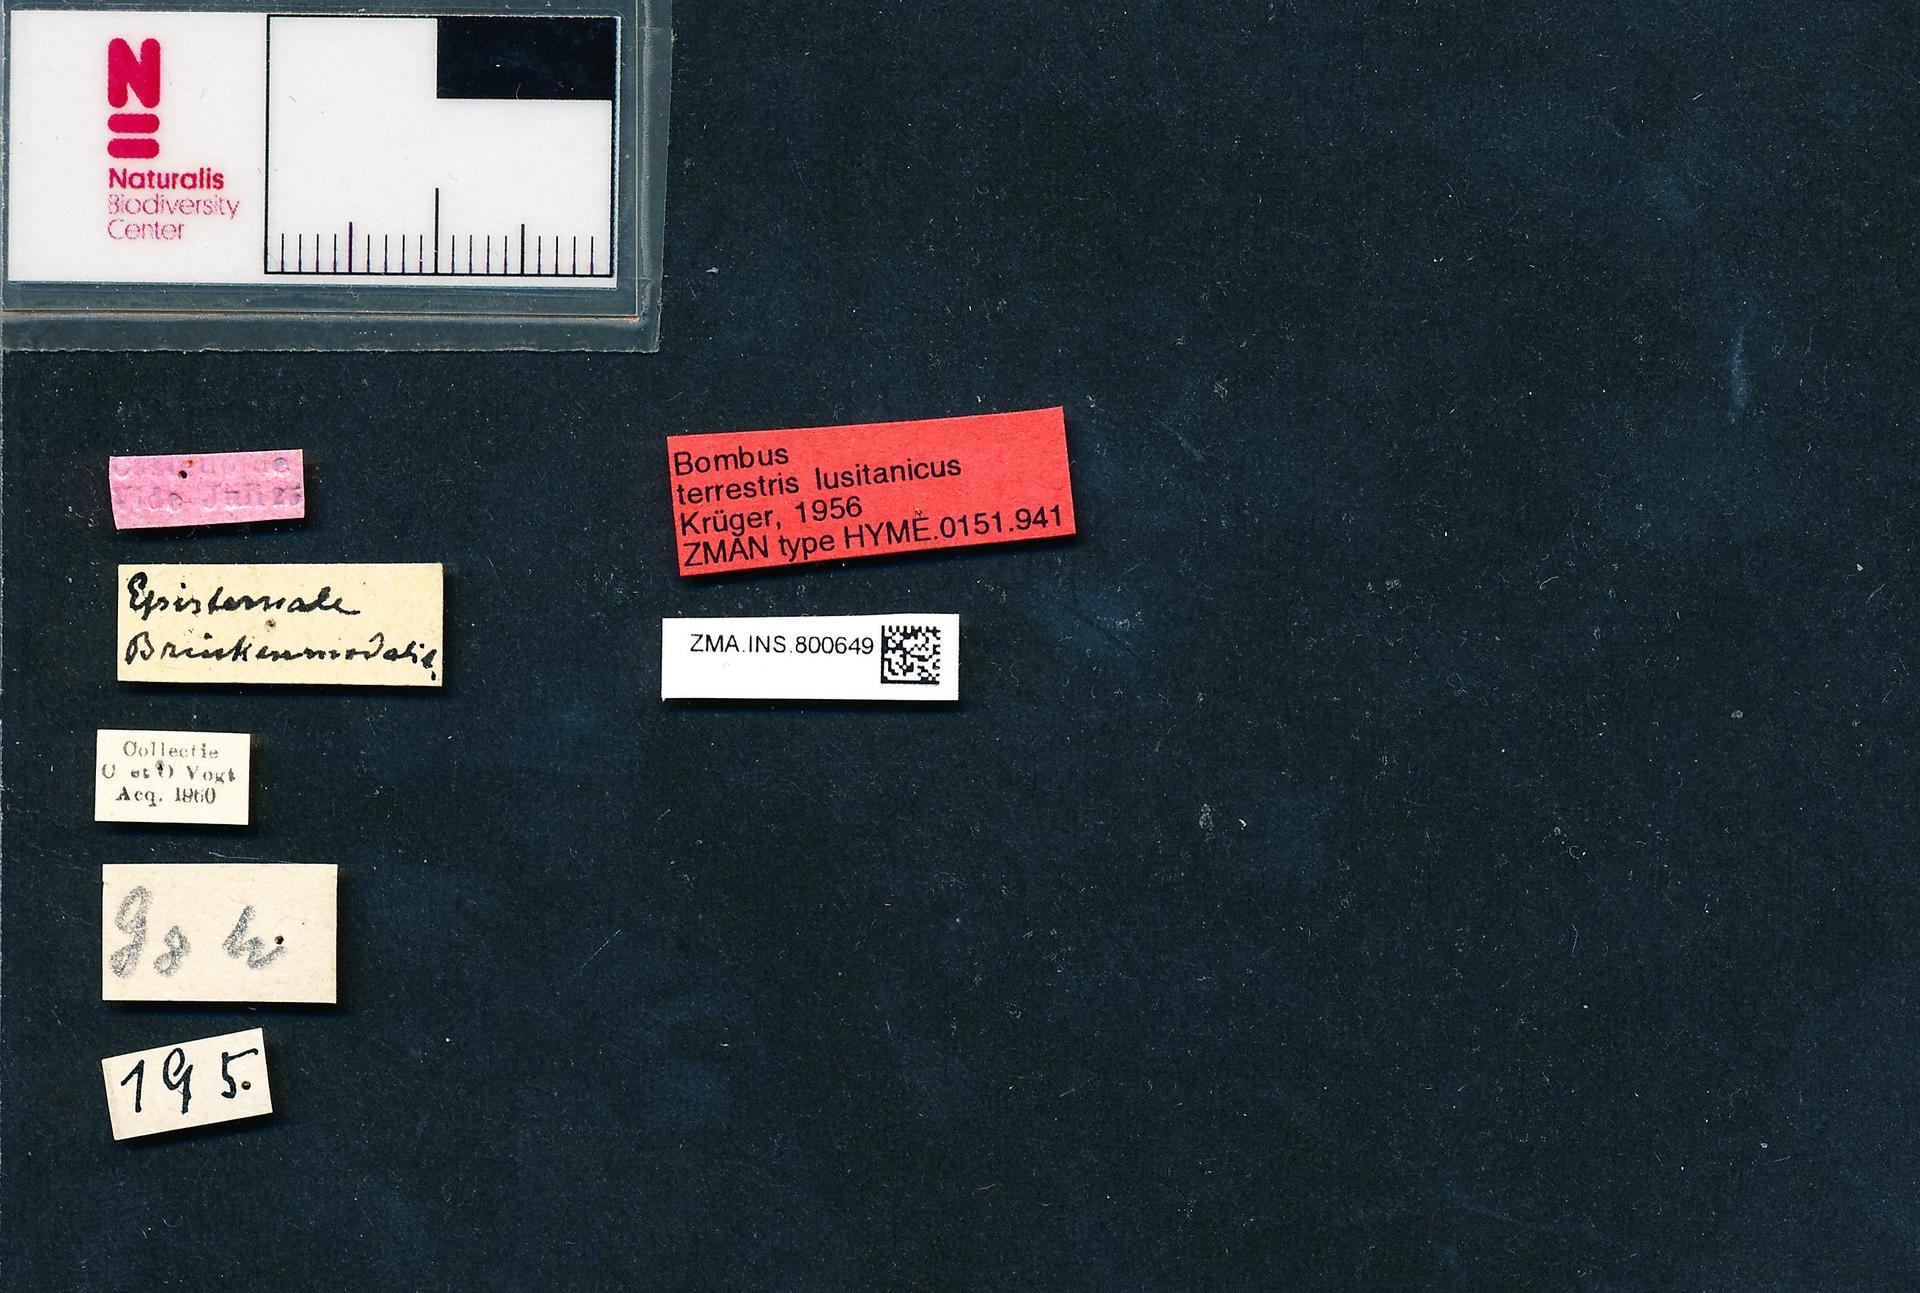 ZMA.INS.800649 | Bombus (Bombus s.s.) terrestris ferrugineus Krüger, 1956